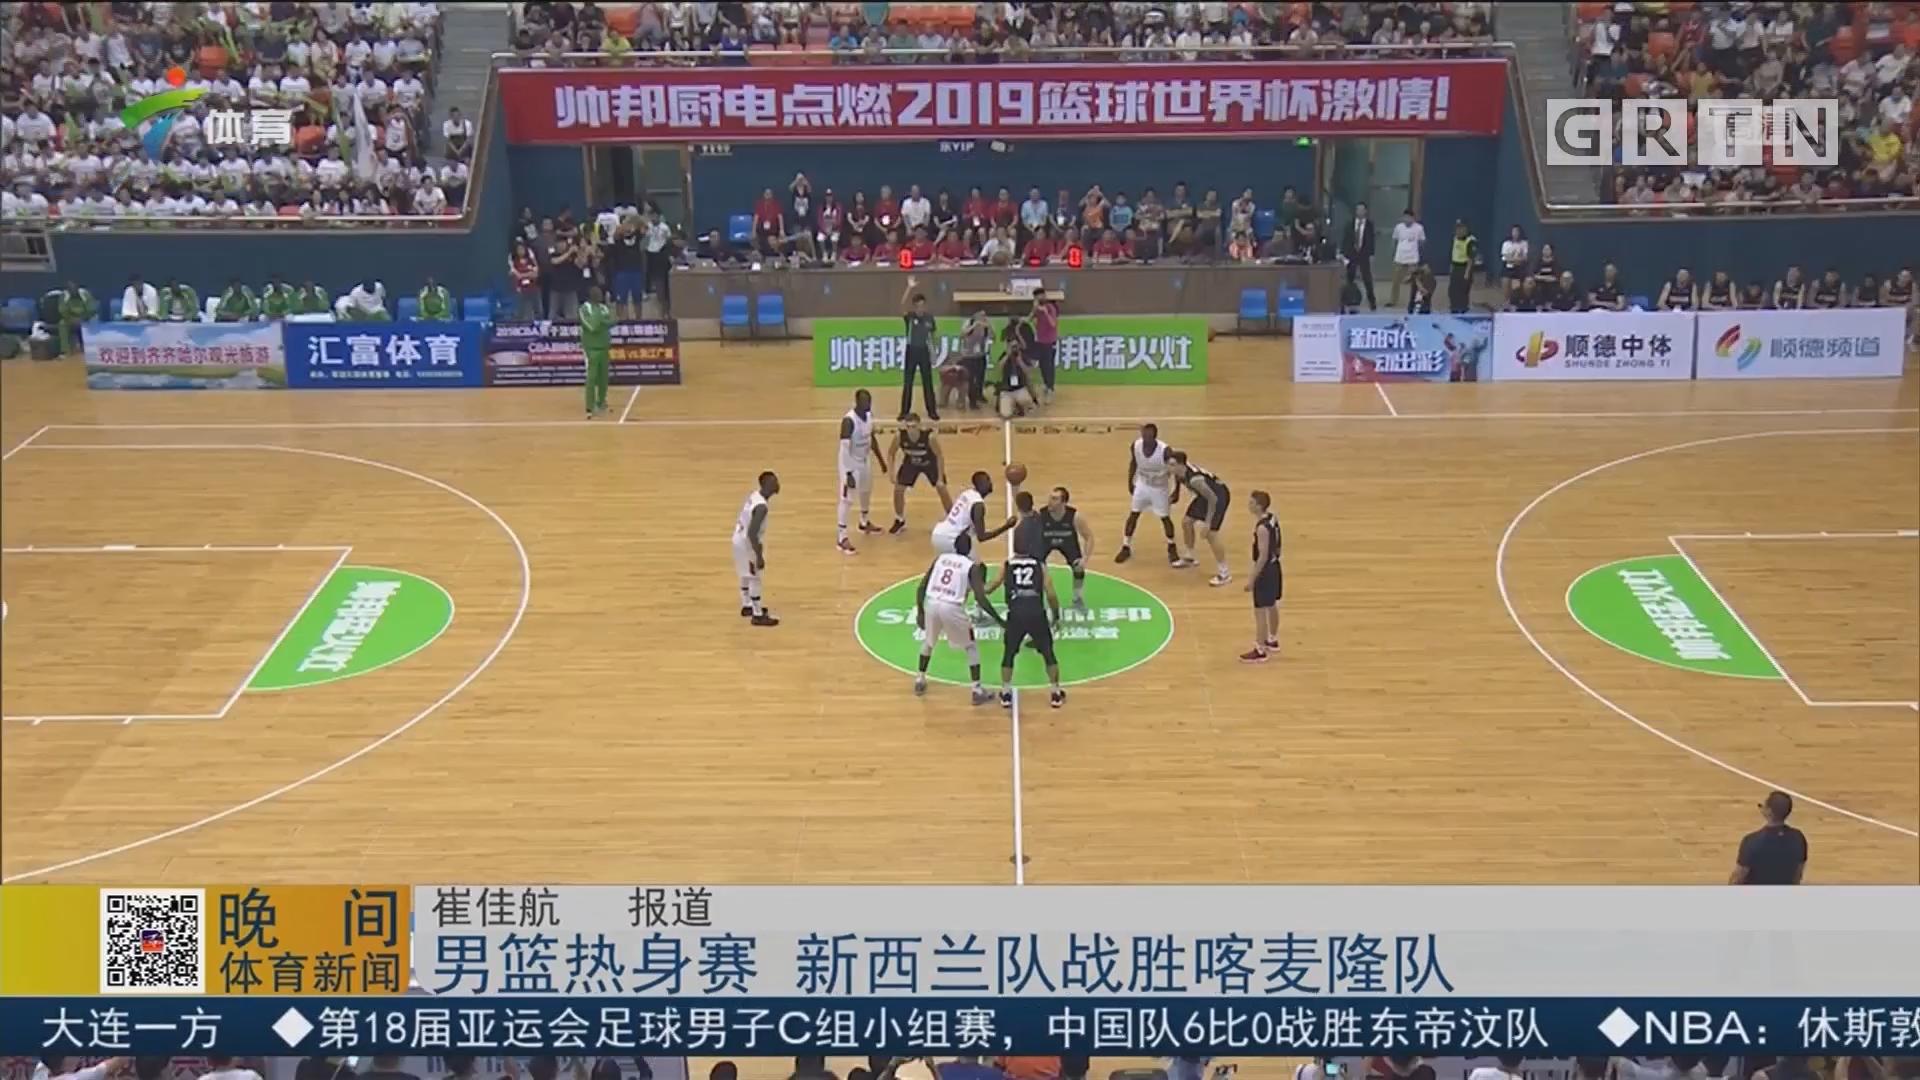 男篮热身赛 新西兰队战胜喀麦隆队